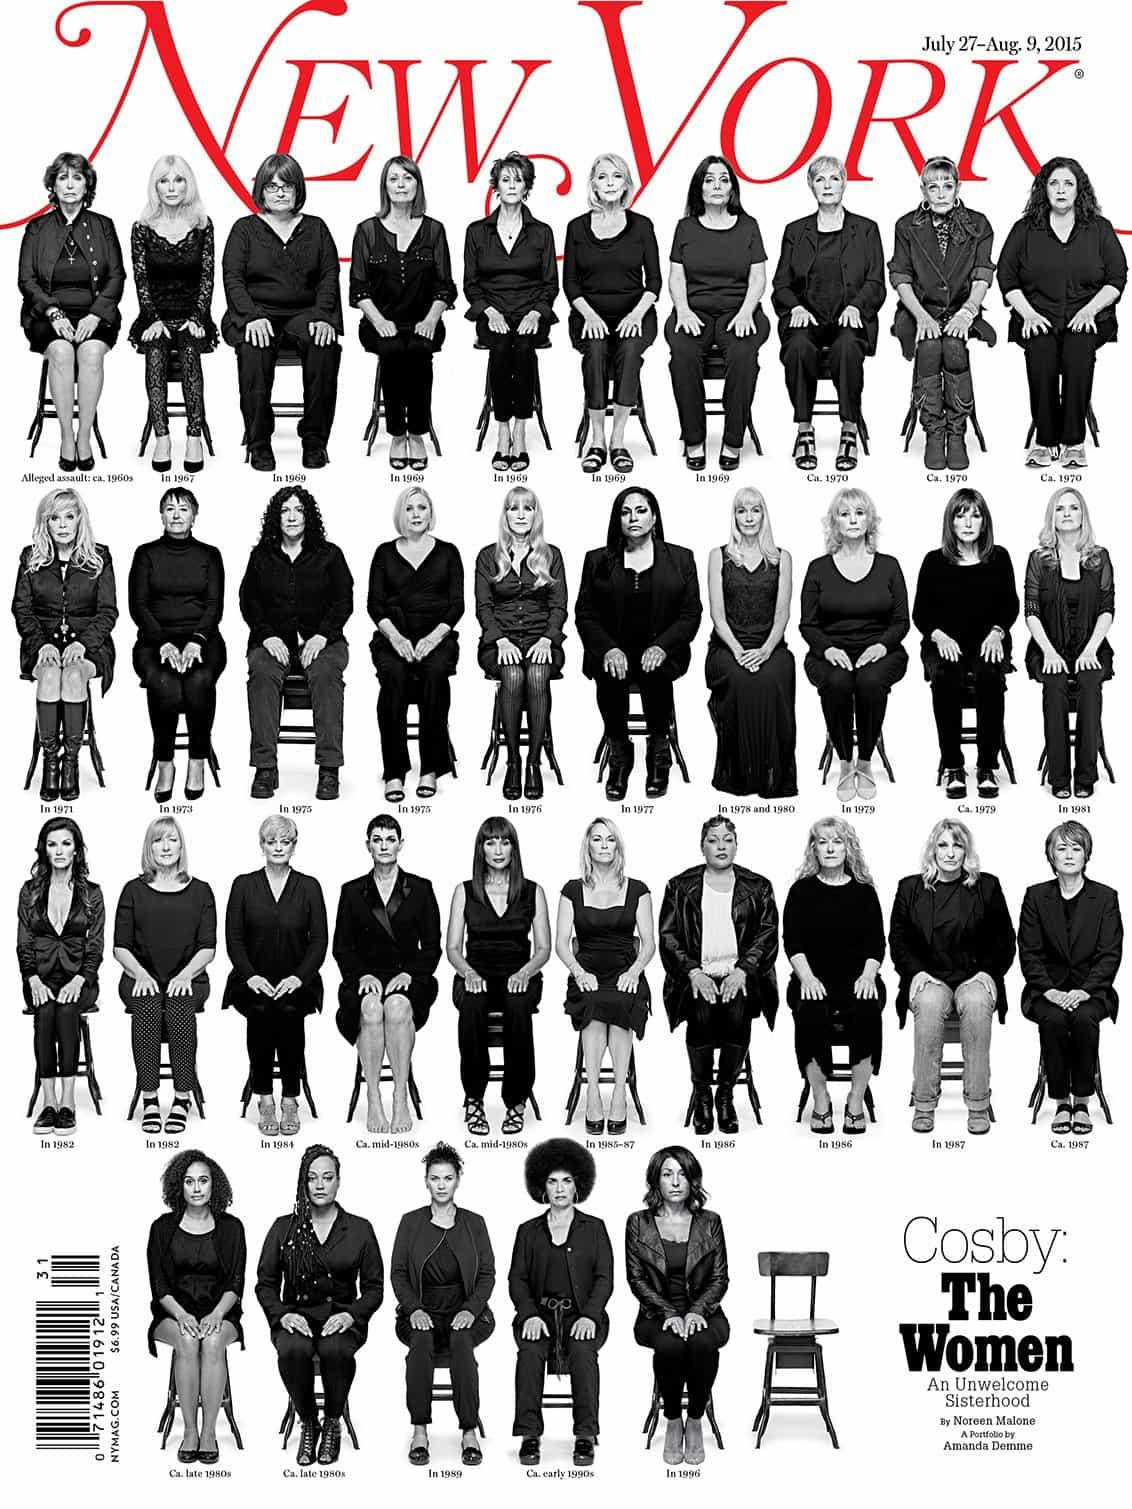 """portada de una revista de Nueva York para """"Cosby: La Mujer"""" cuestión"""